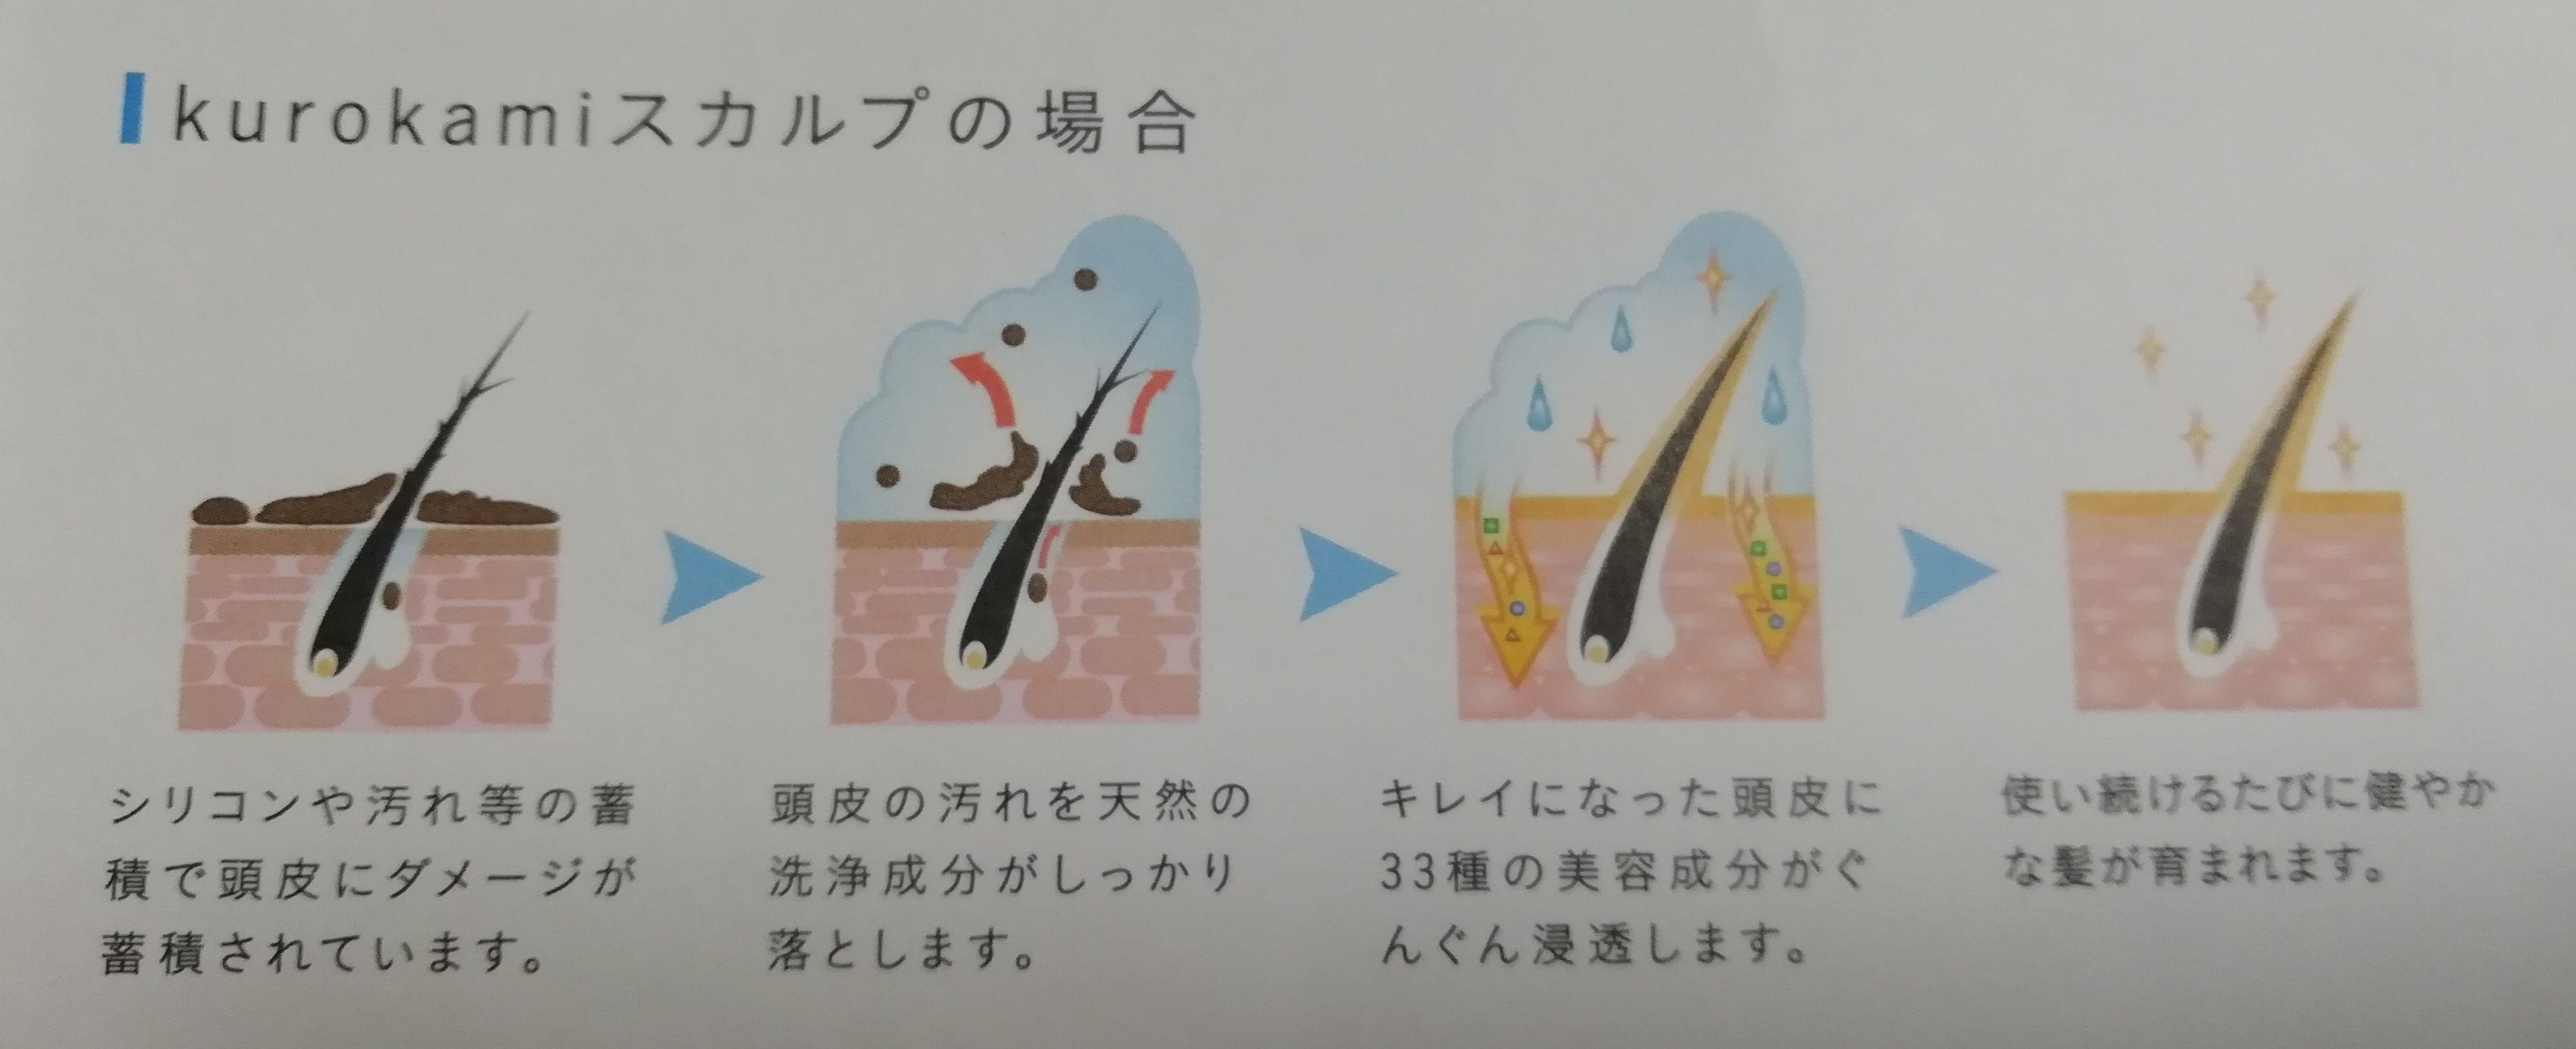 頭皮 kurokamiスカルプ